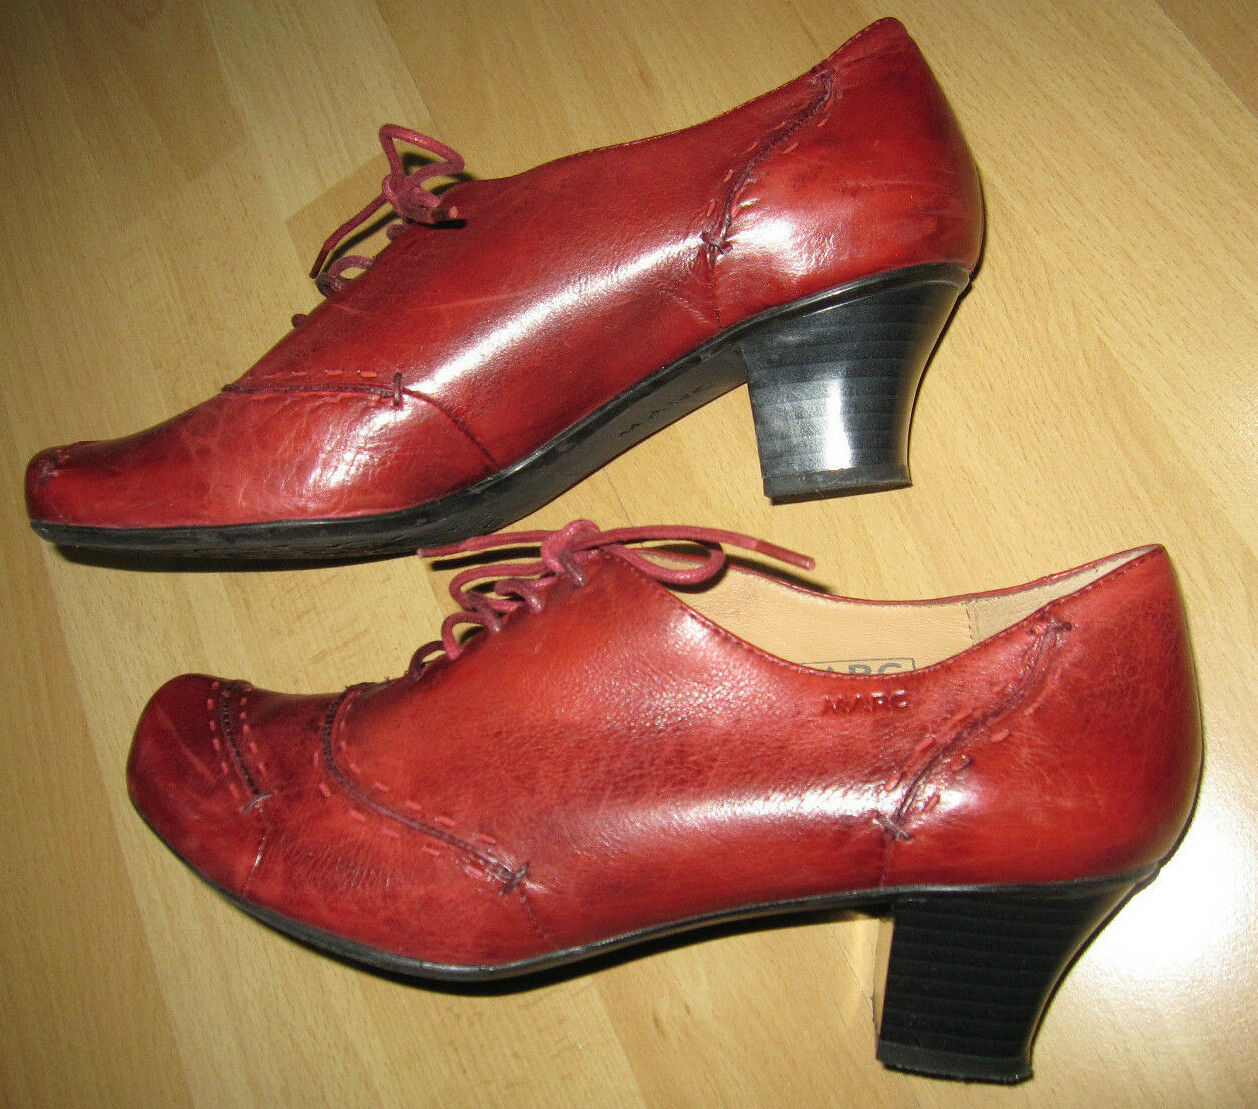 Damen Pumps halb-Schuhe mit Absatz  Marc Gr.39, Echtleder, Echtleder, Echtleder, rot, hochwertig 0564bc